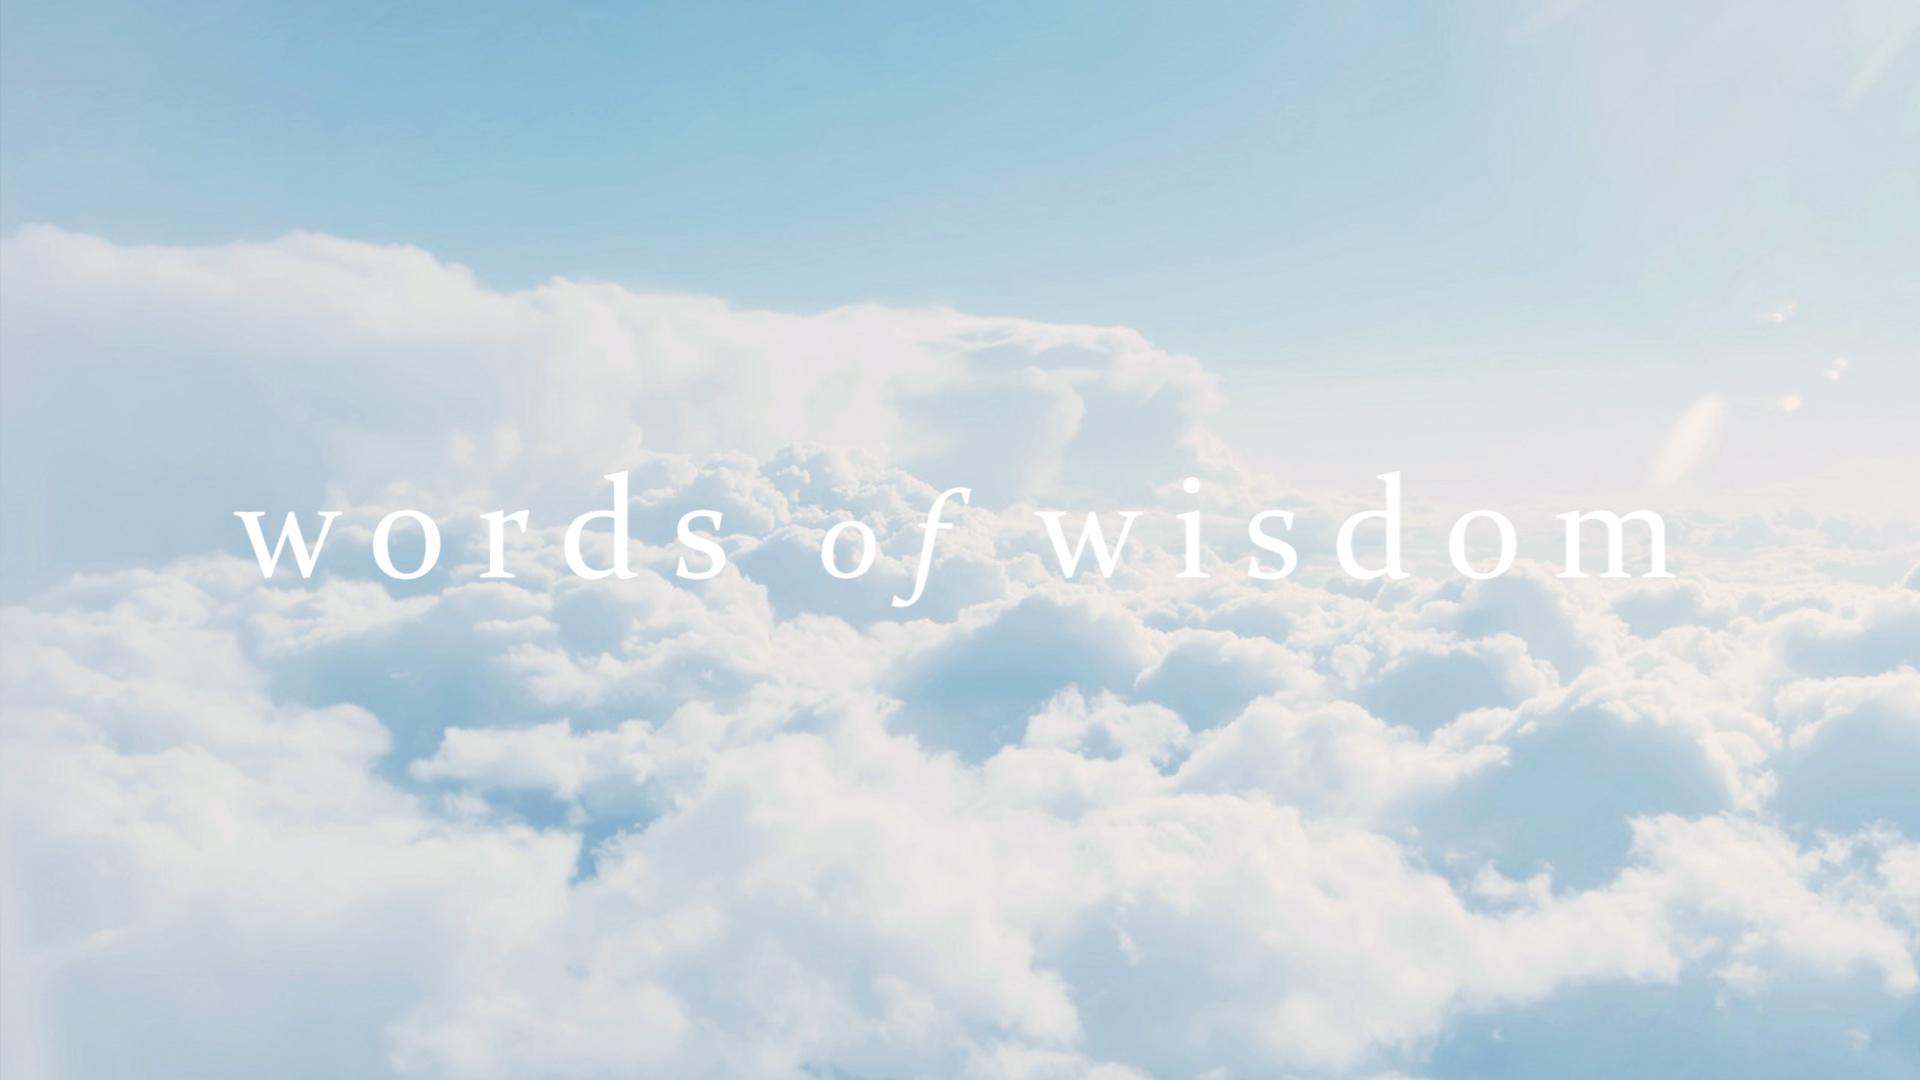 words of wisdom 001